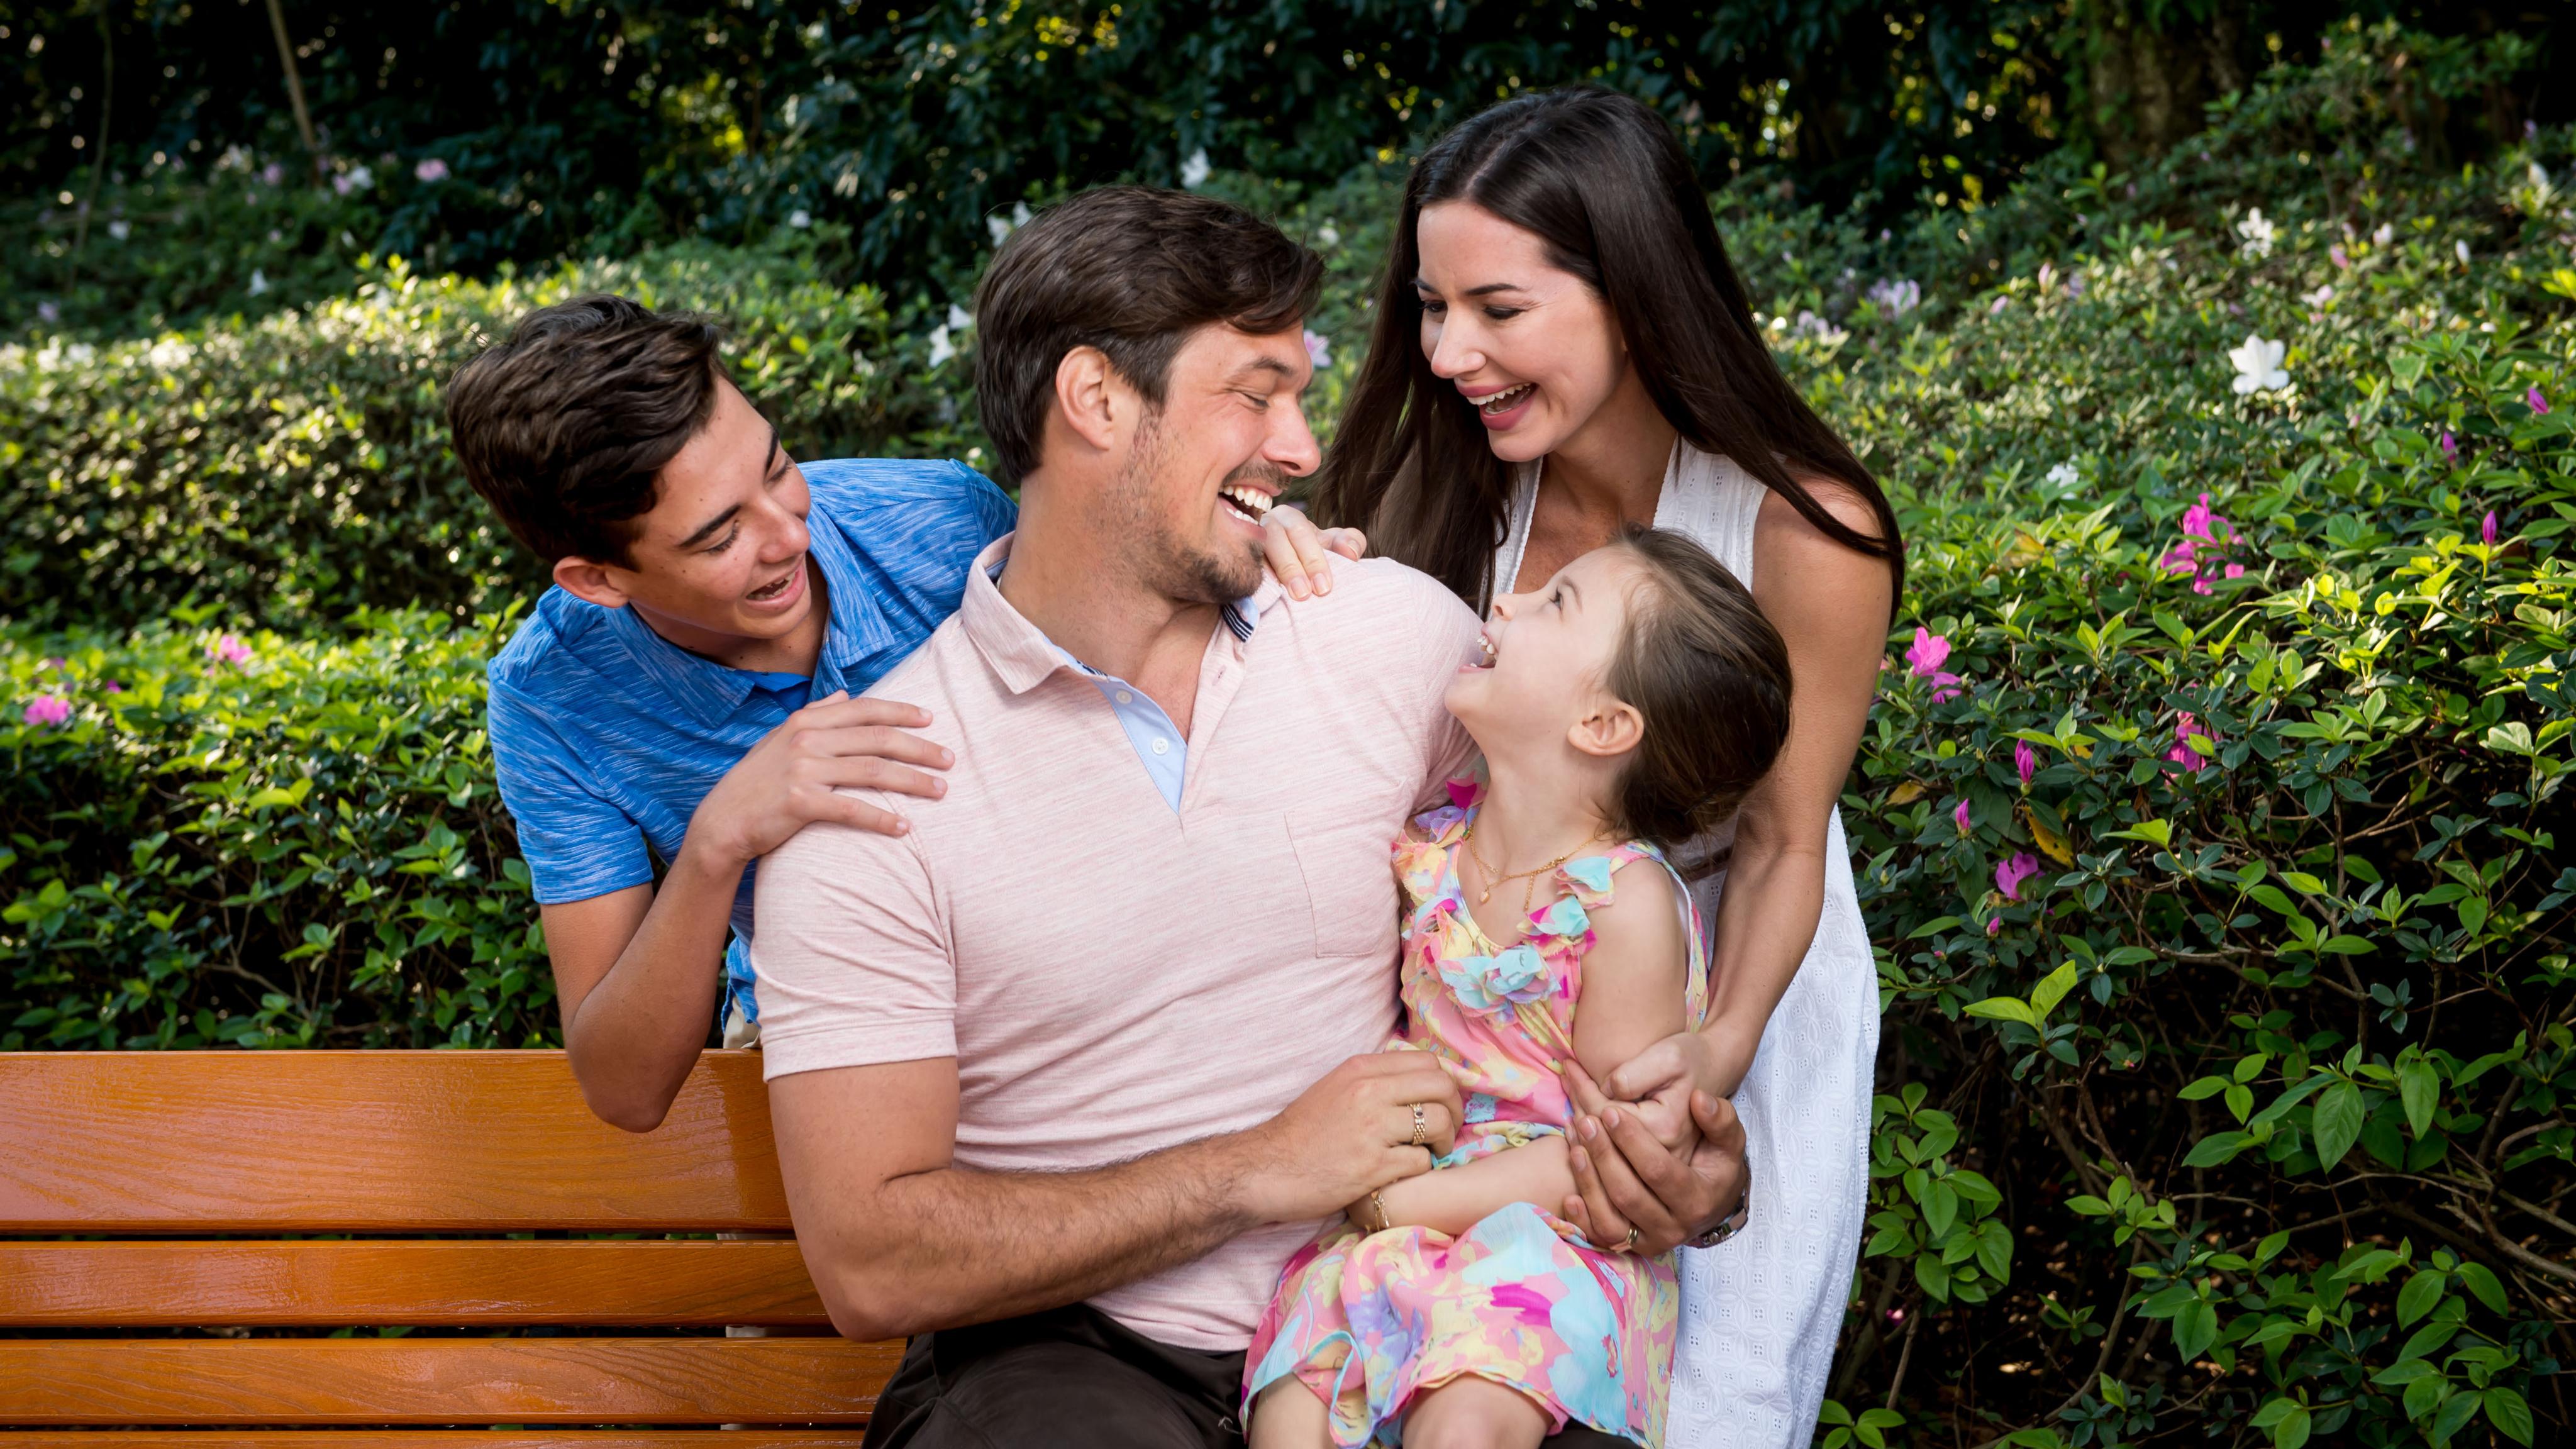 Uma menina sentada no colo do pai com a mãe e o irmão em pé ao lado de um banco, com árvores ao redor